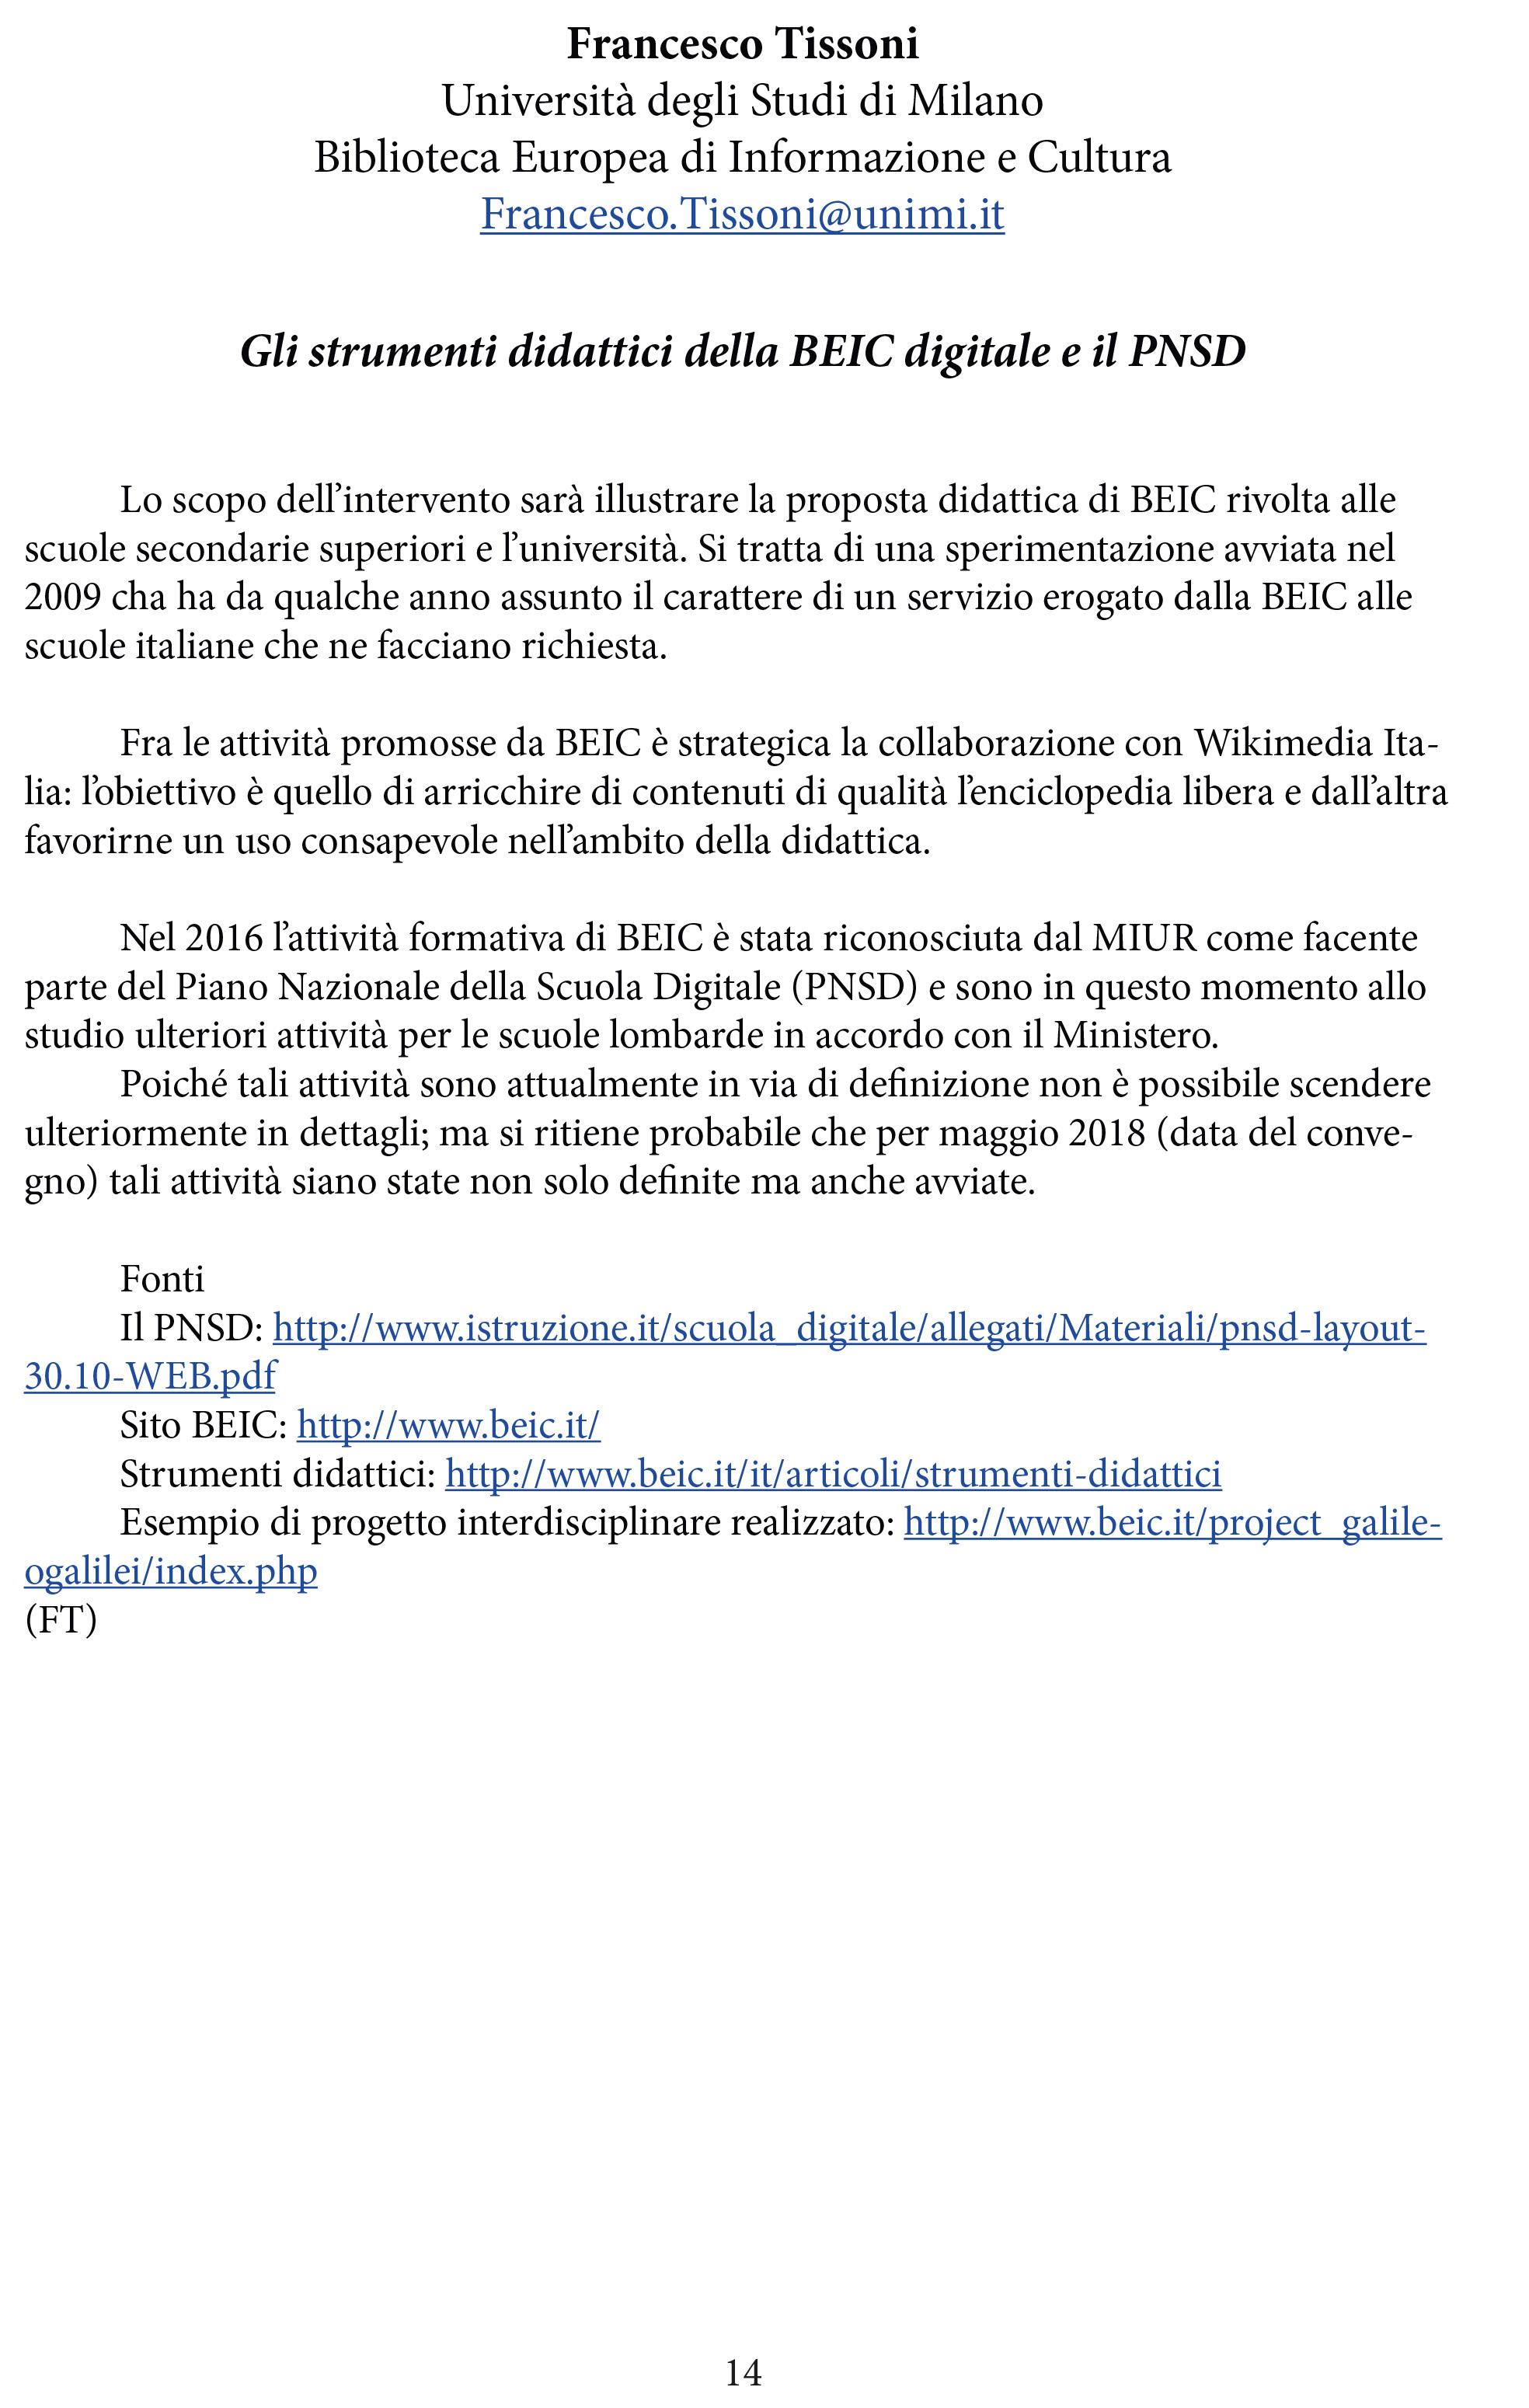 STUDIARE AL TEMPO DI INTERNET-14